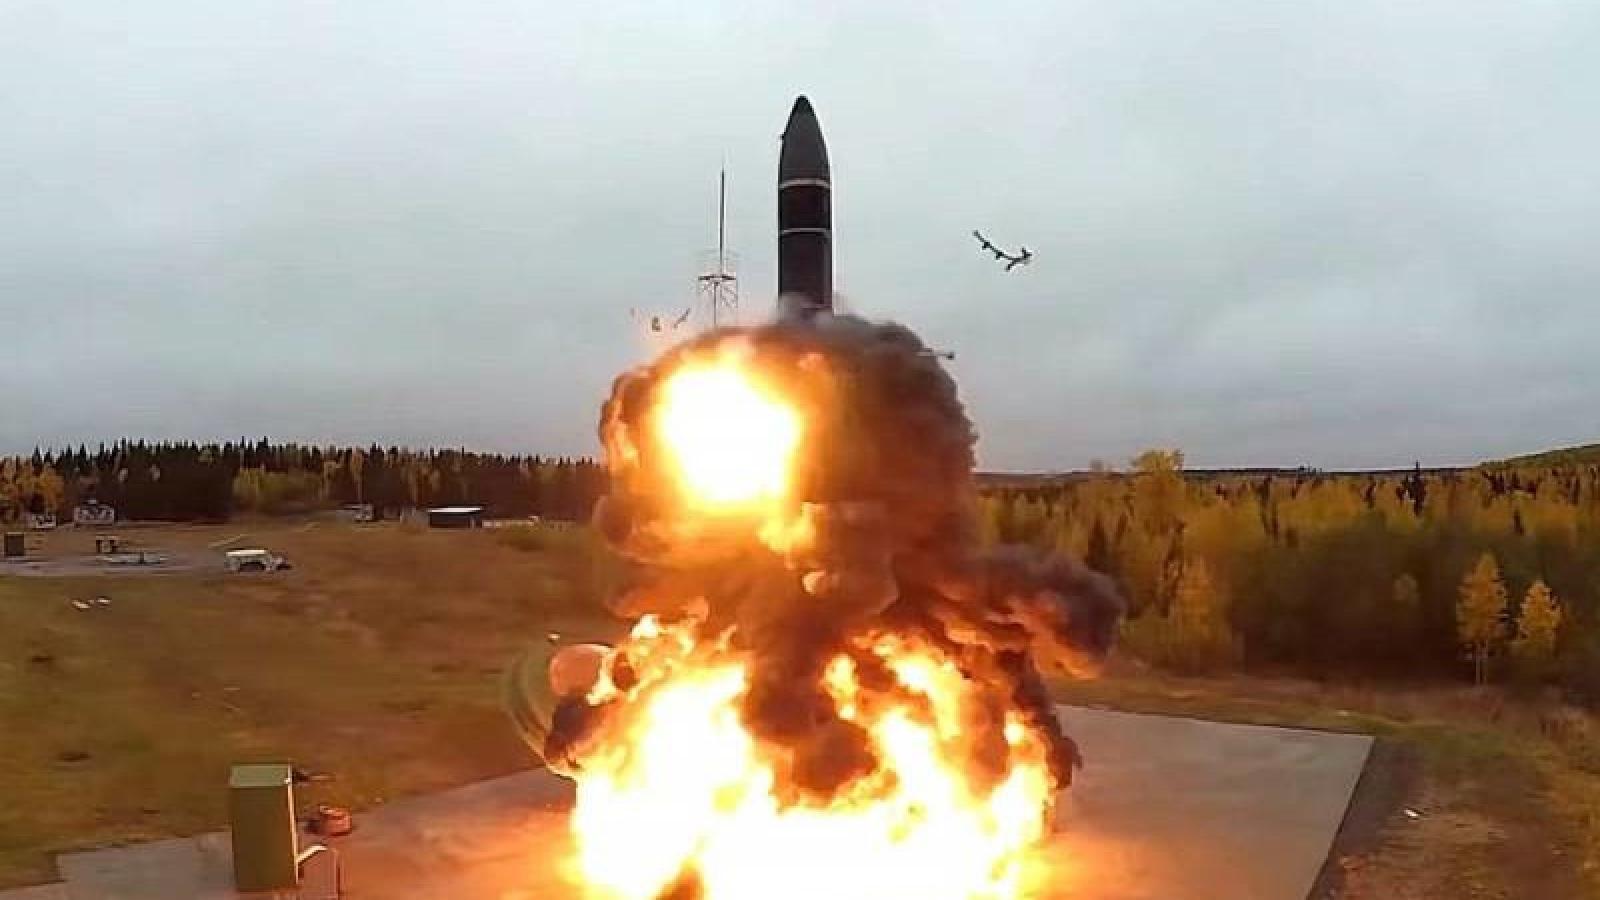 Vì sao gia hạn START-3 không phải vì hòa bình mà là chuẩn bị chiến tranh?